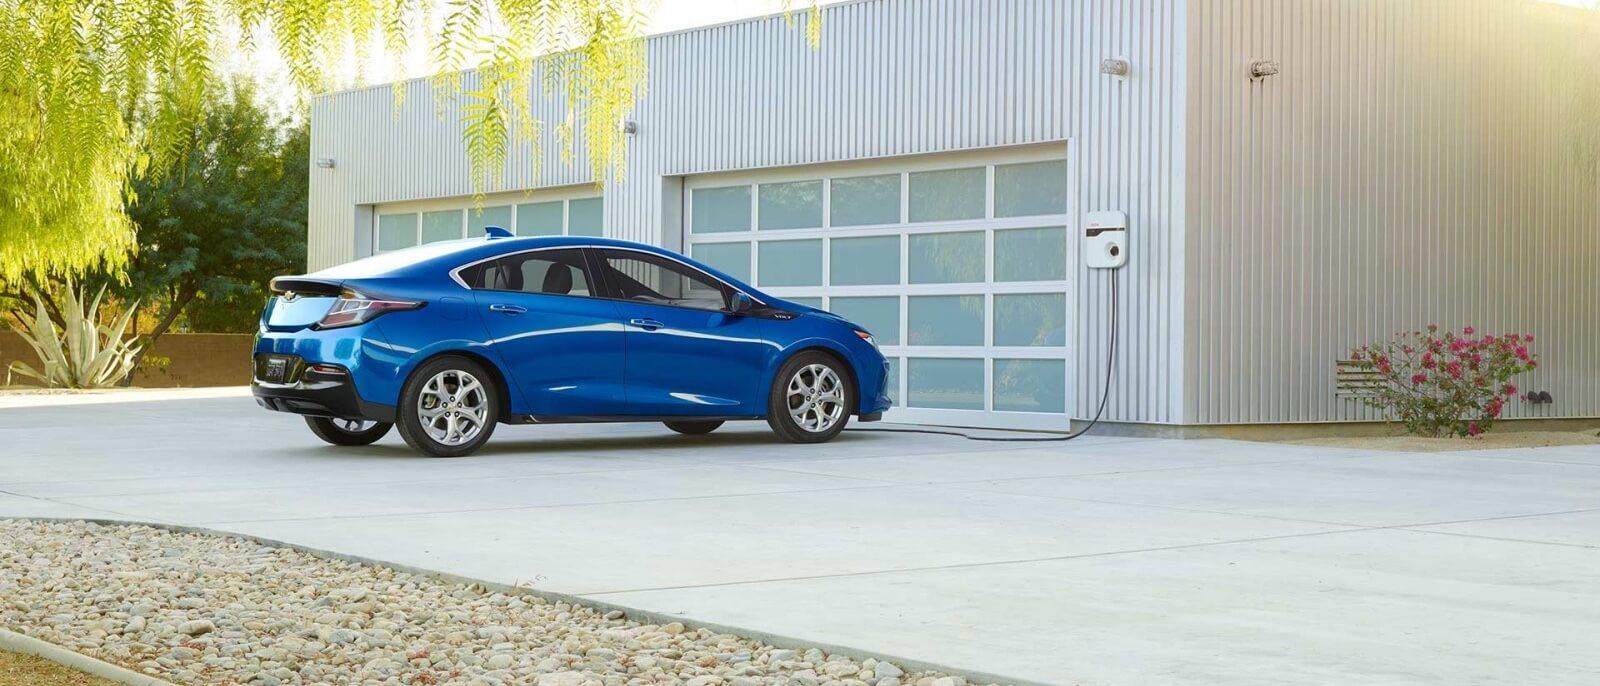 2017 Chevrolet Volt blue exterior